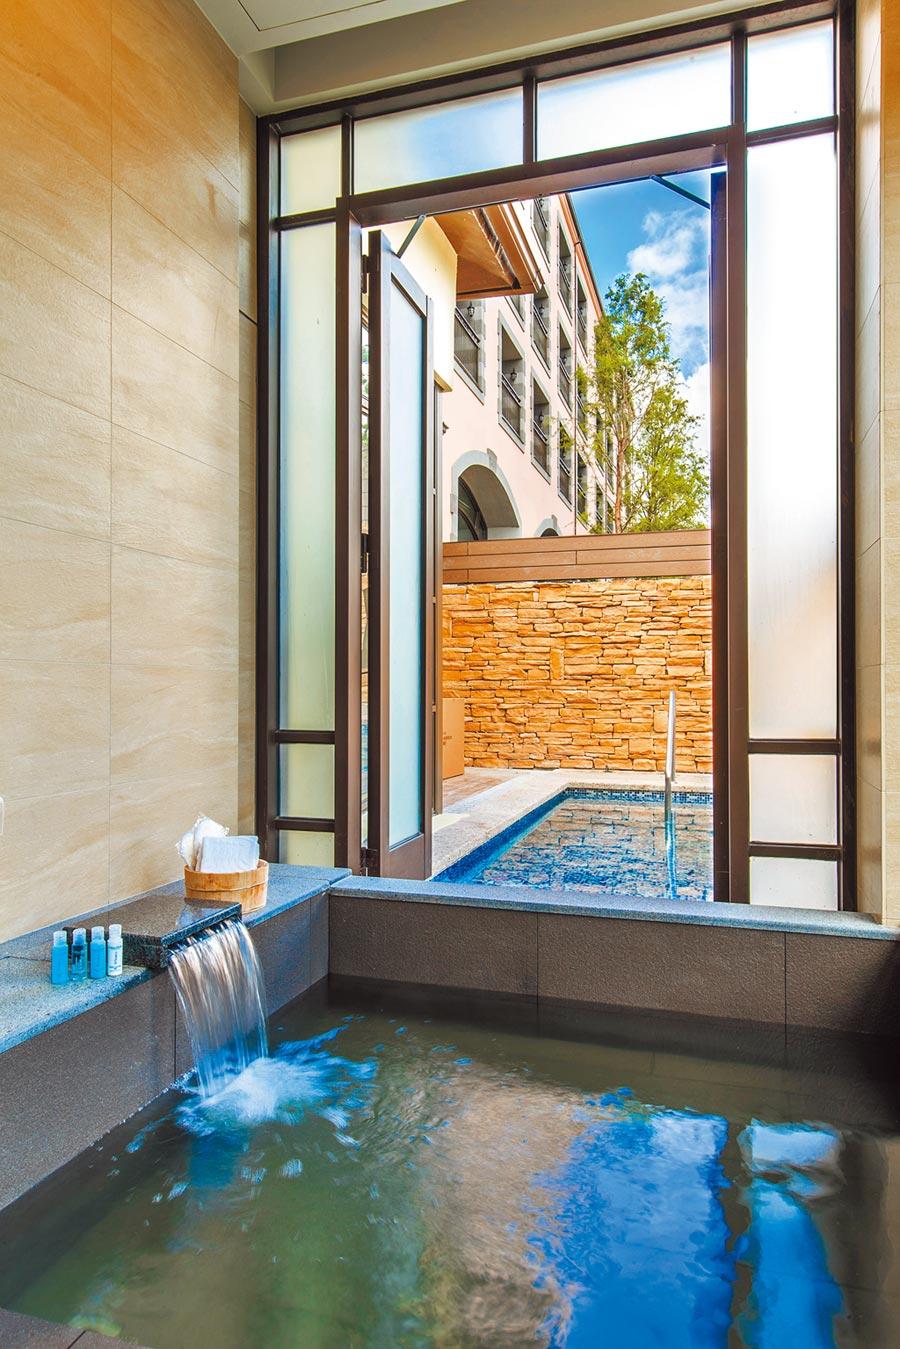 格蘭別墅的設計雅致,入住其中相當愉悅。(瑞穗春天國際觀光酒店提供)